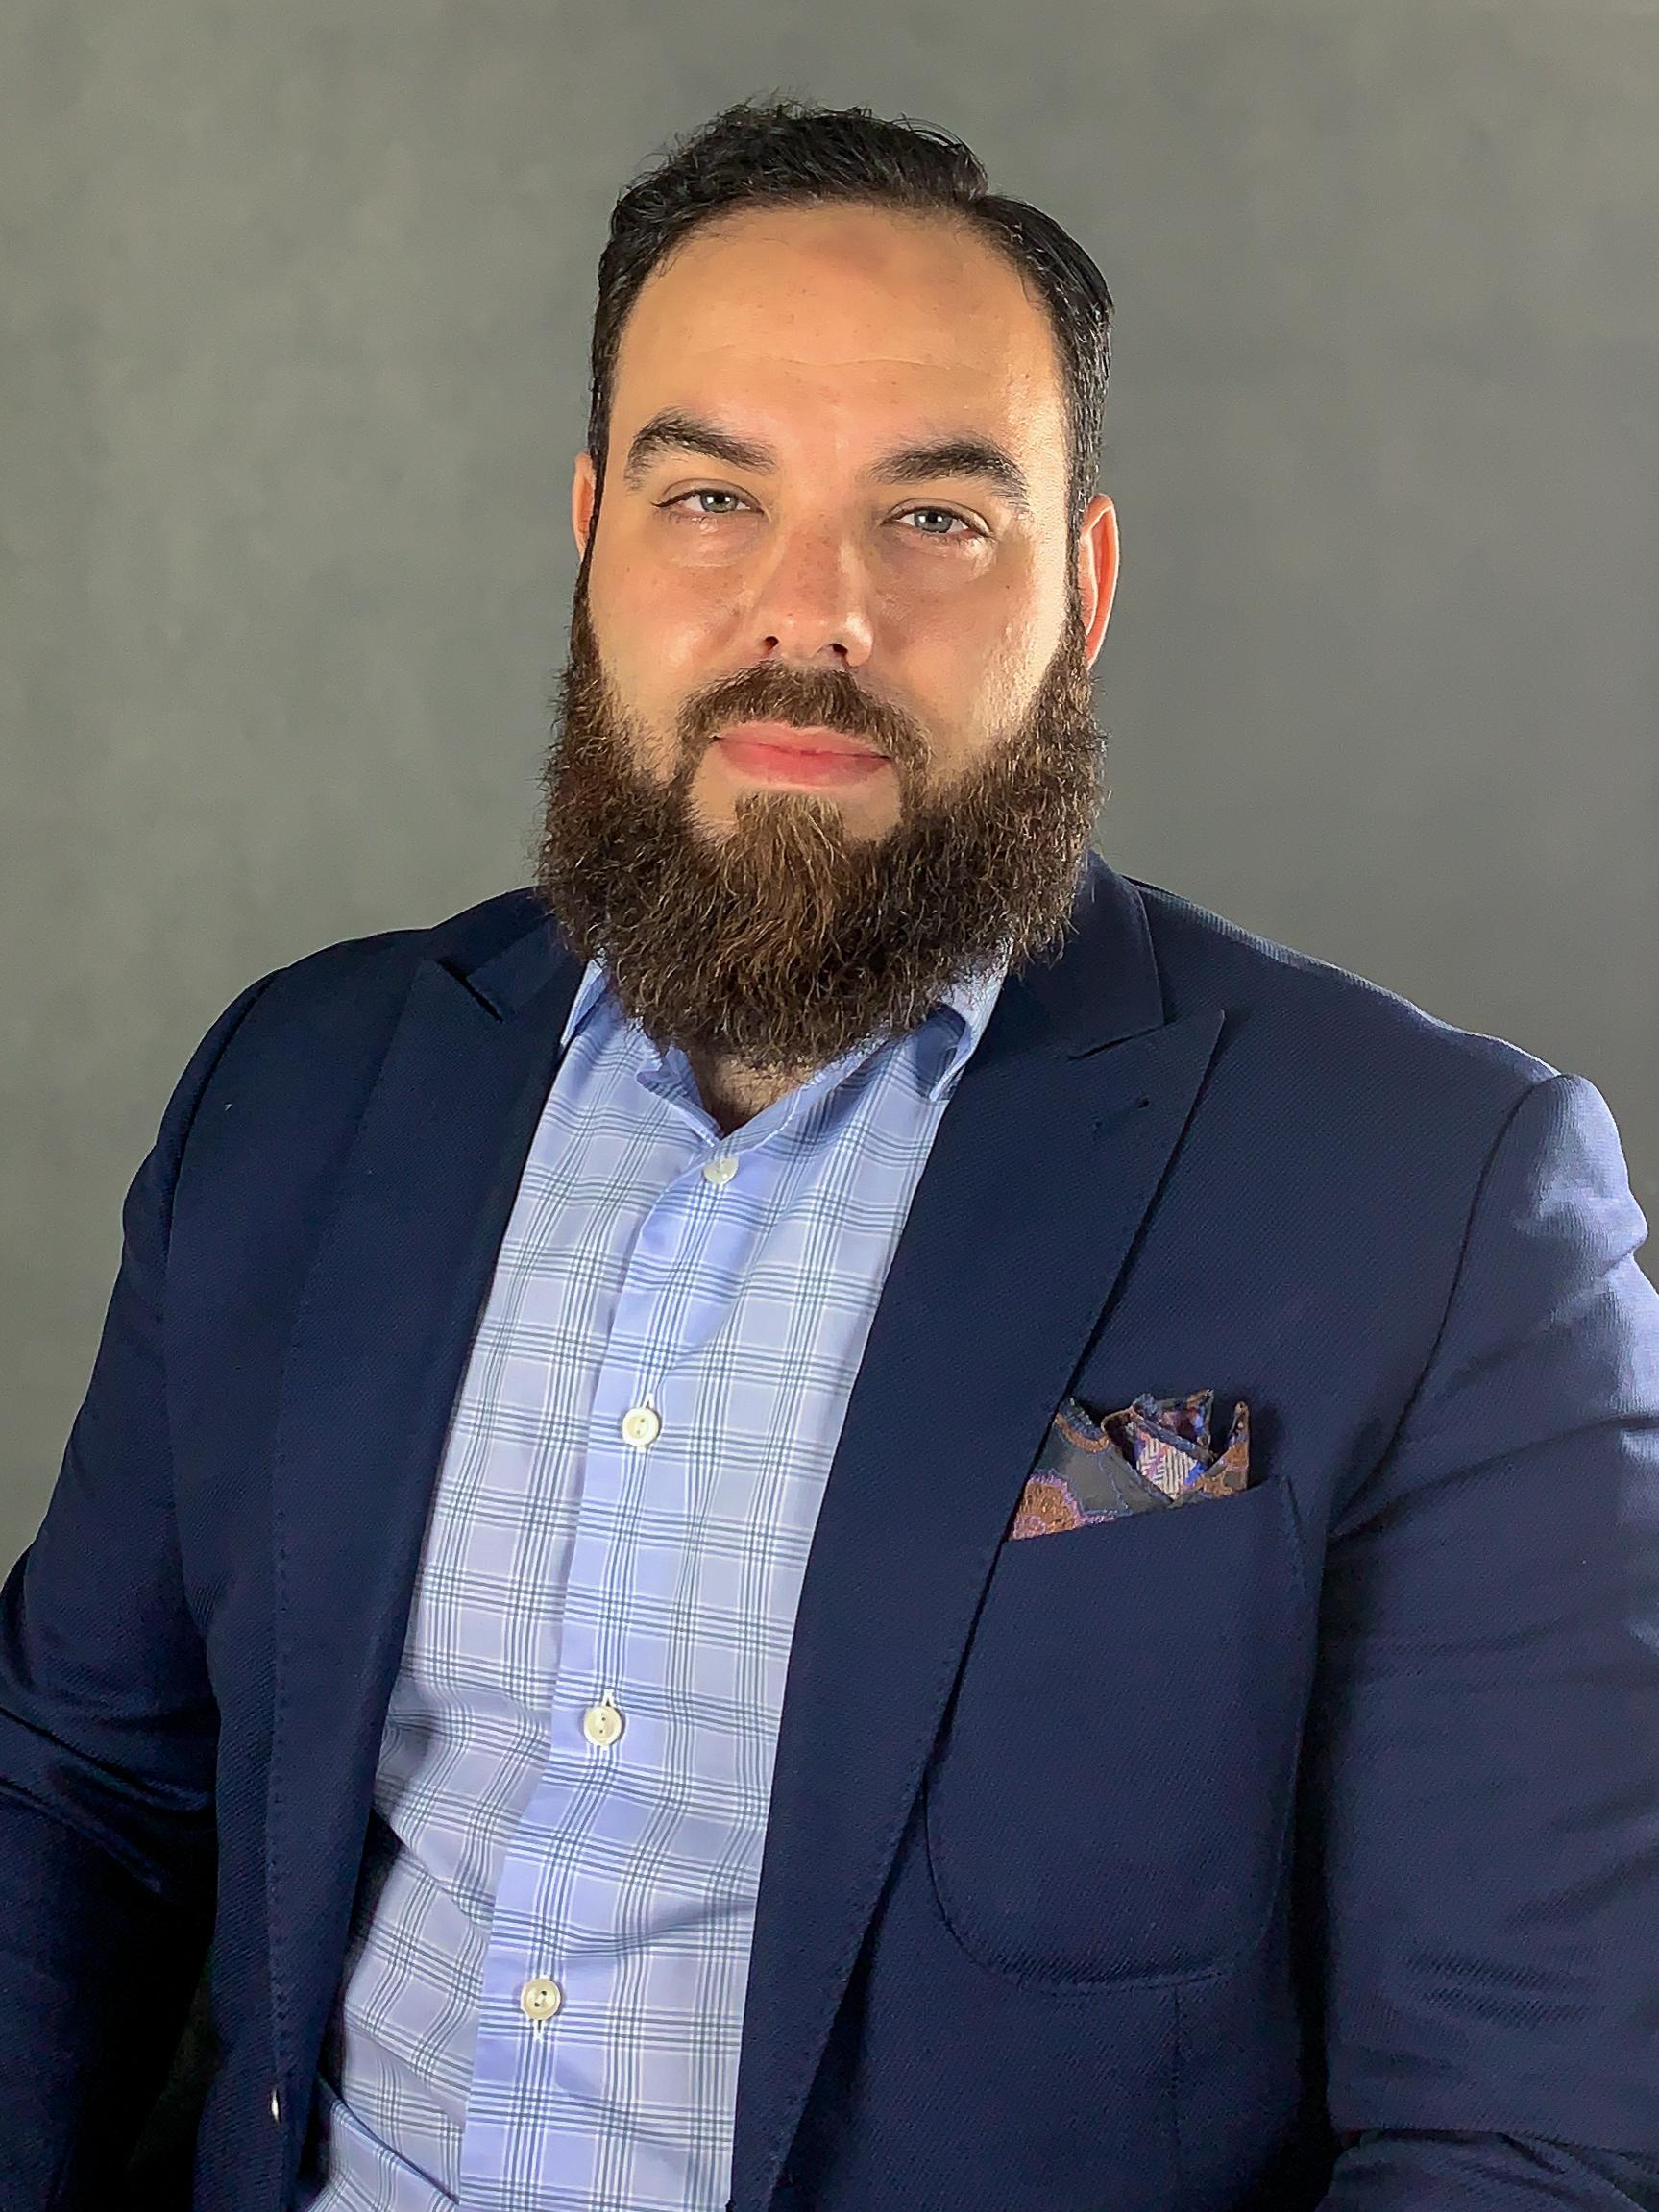 Mustafa Issa